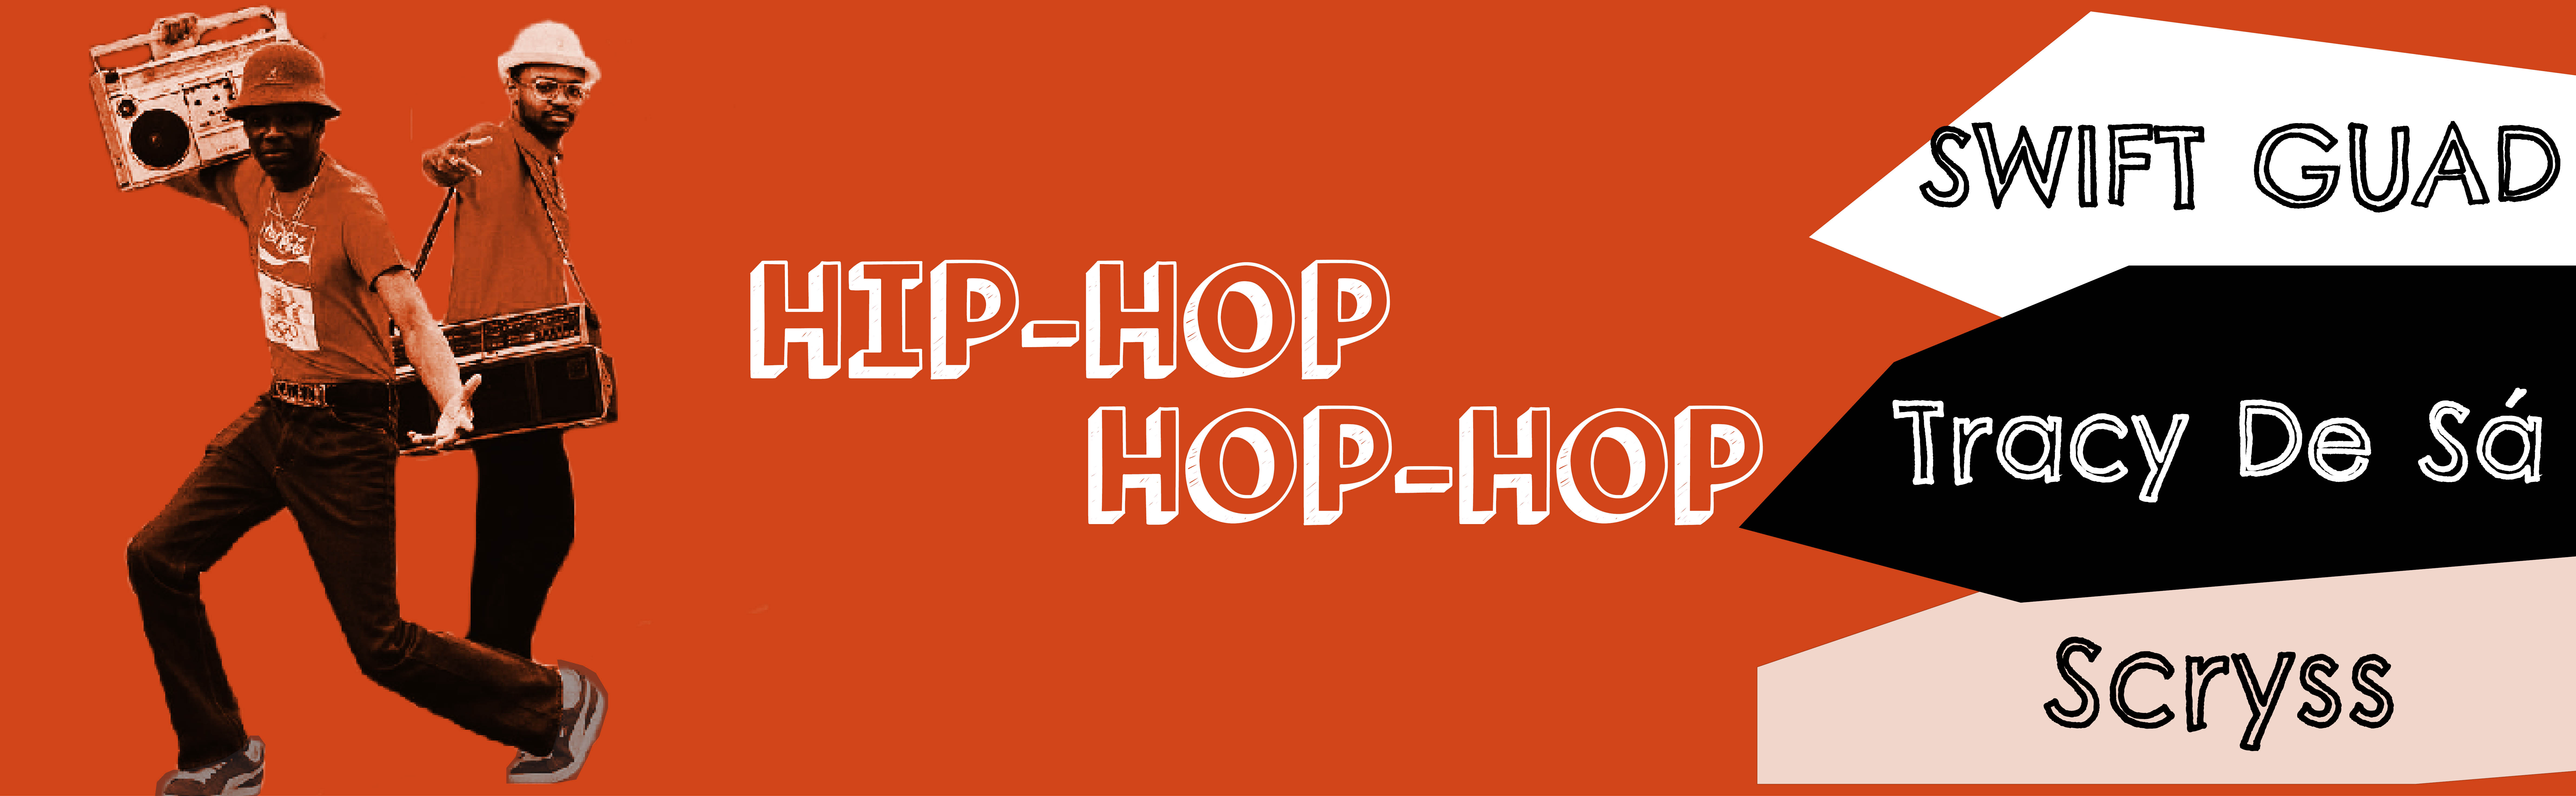 SLIDE-HIP-HOP-HOP-HOP